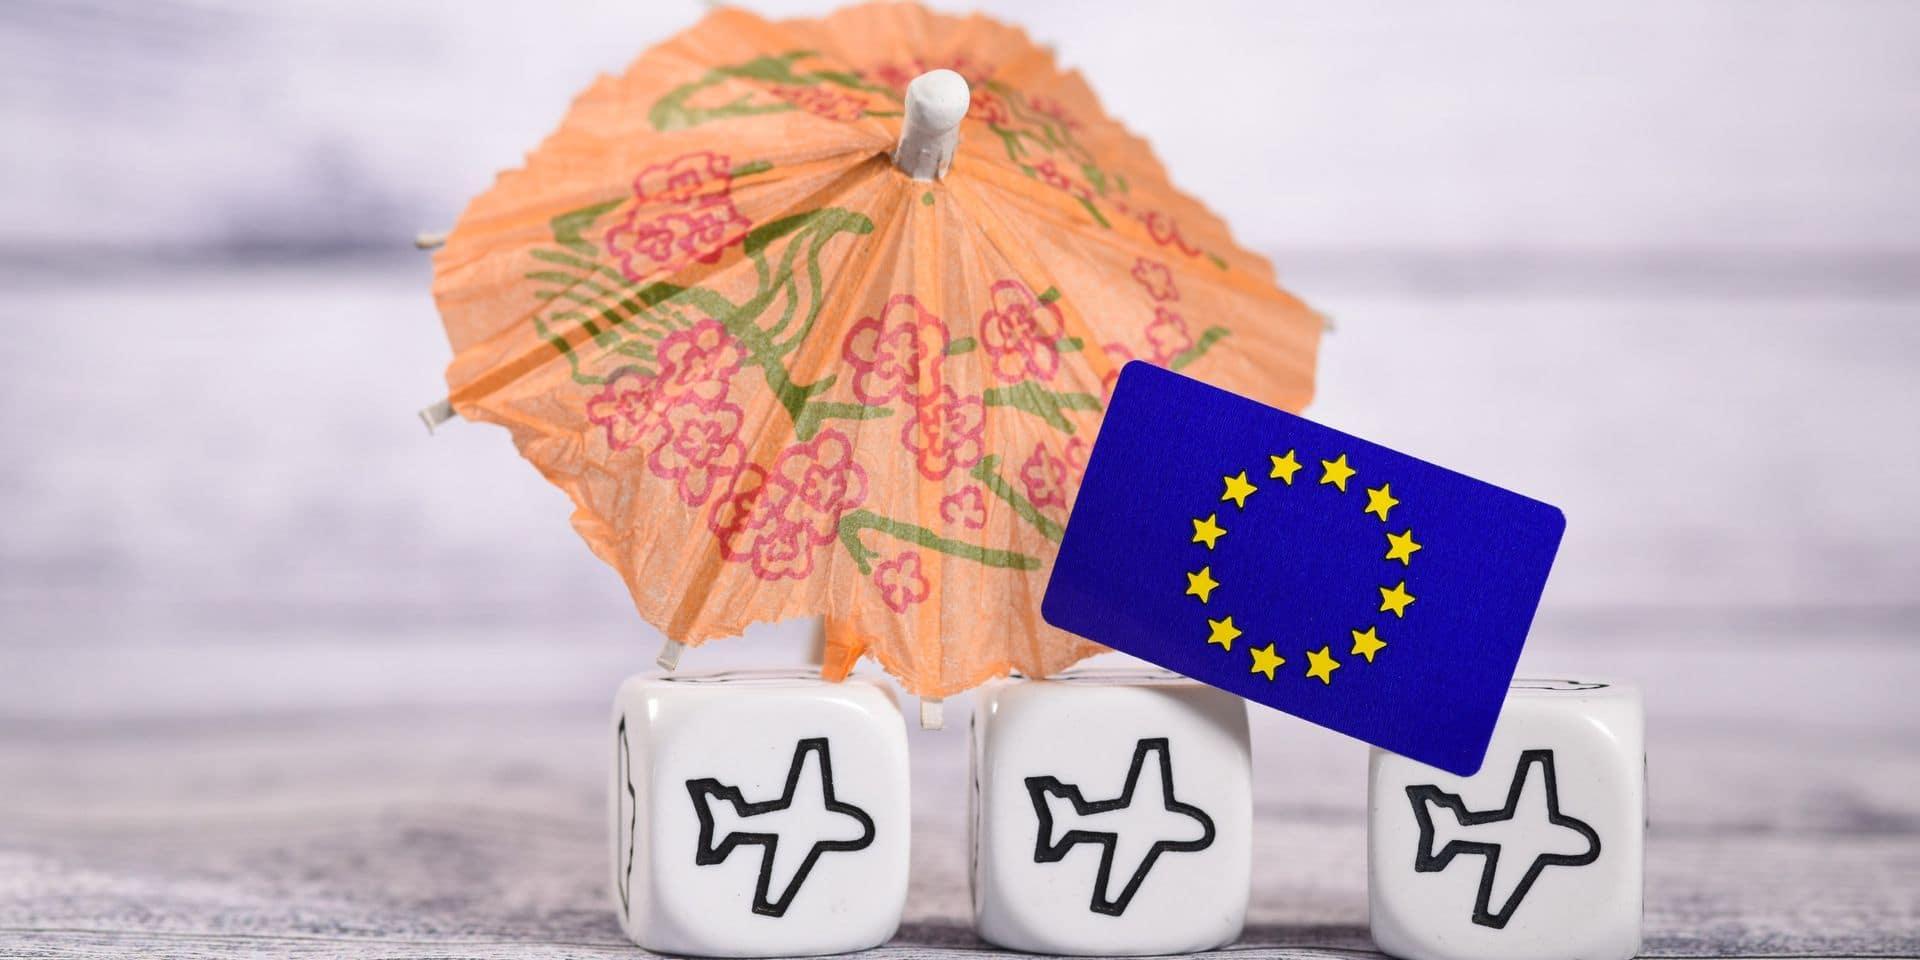 Certificat sanitaire européen: qu'en est-il pour les voyage(ur)s hors Europe?